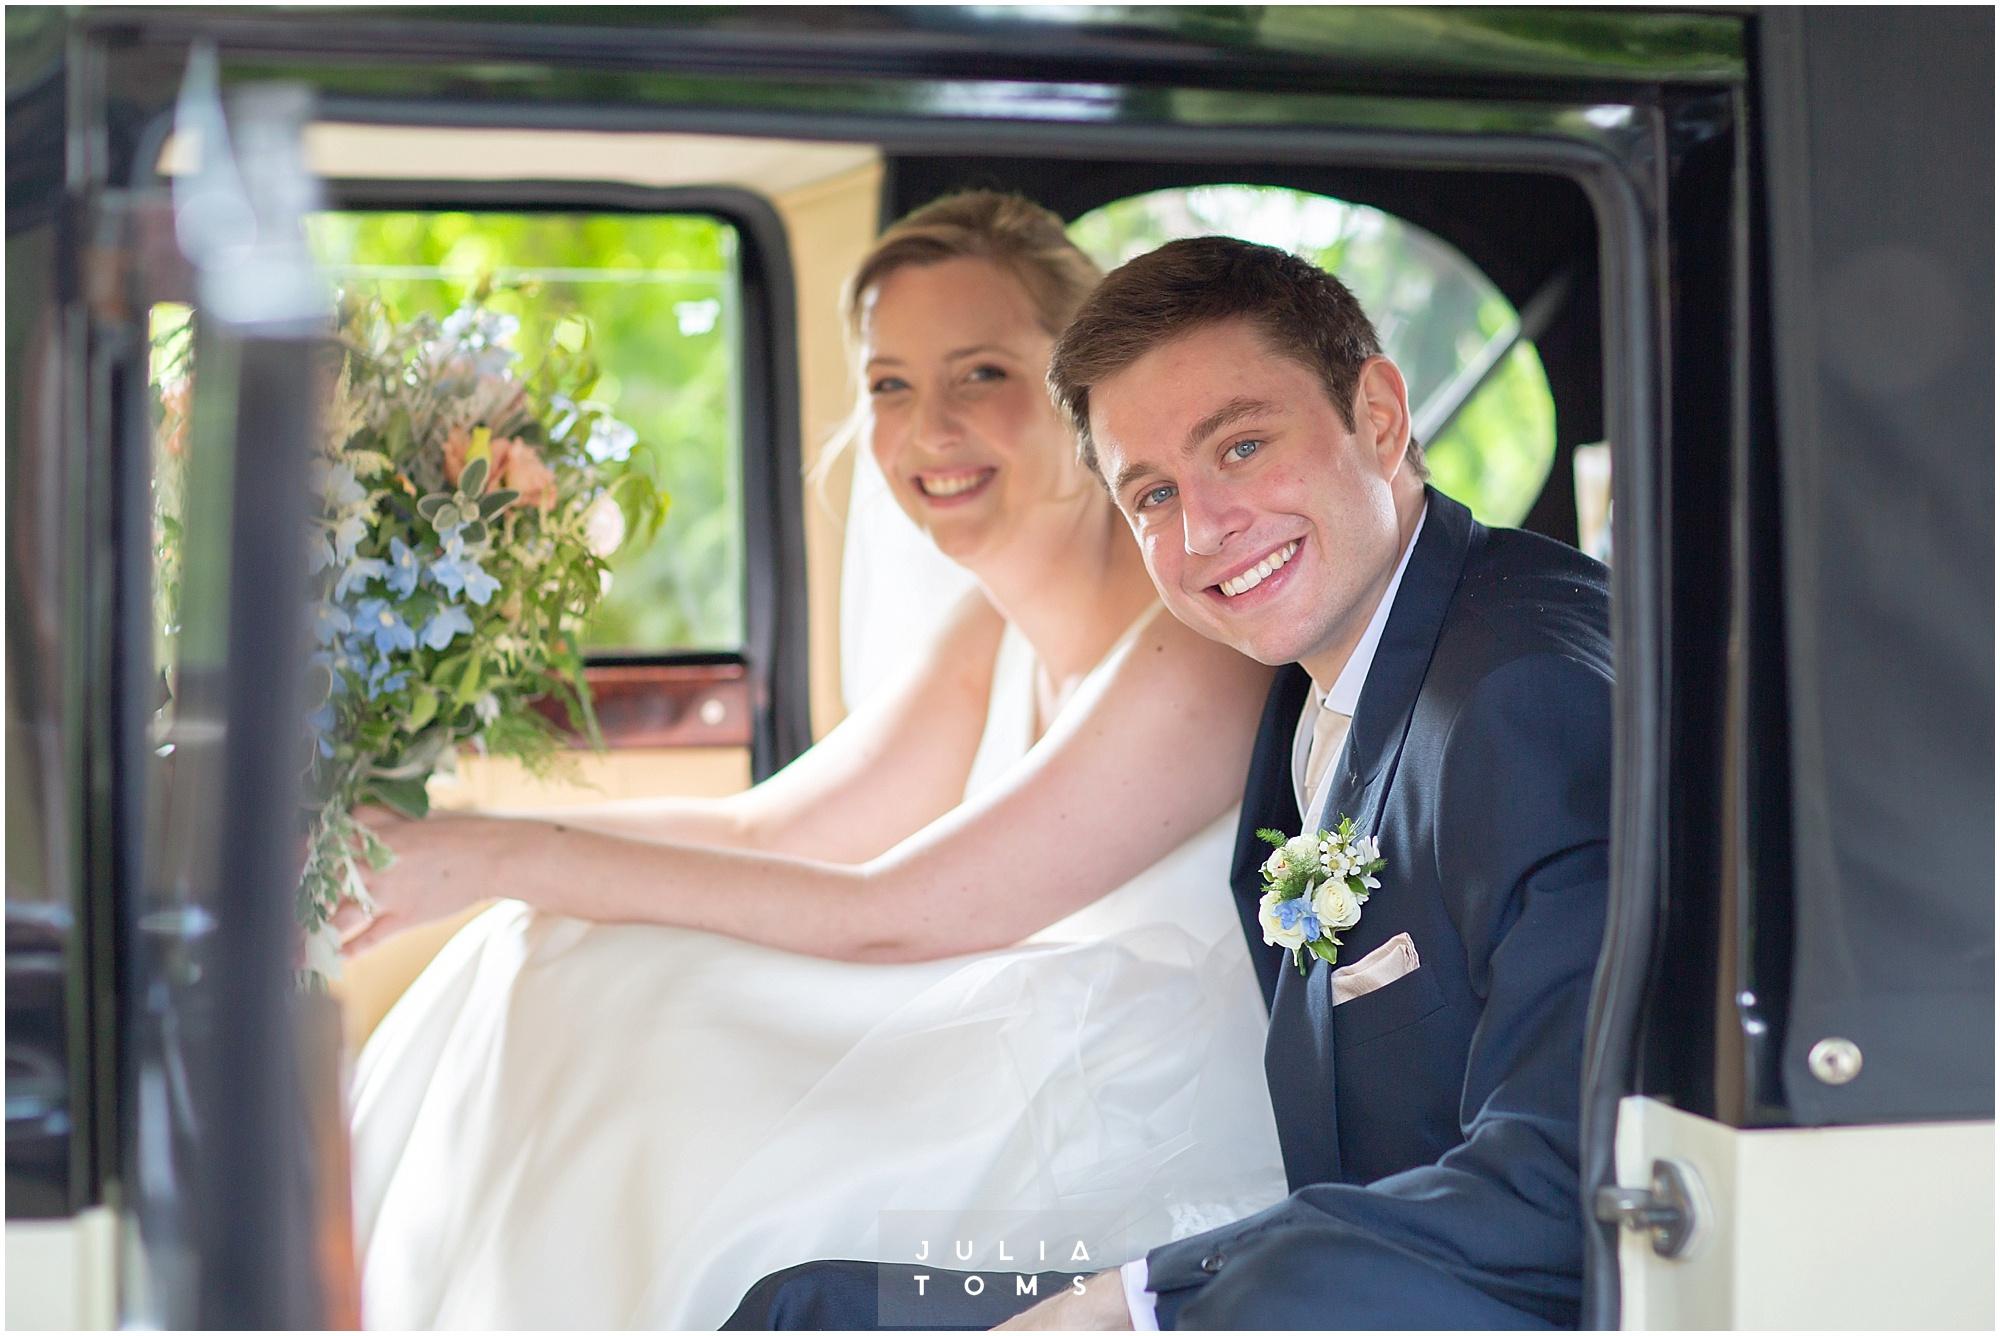 westsussex_wedding_photographer_westdean_071.jpg